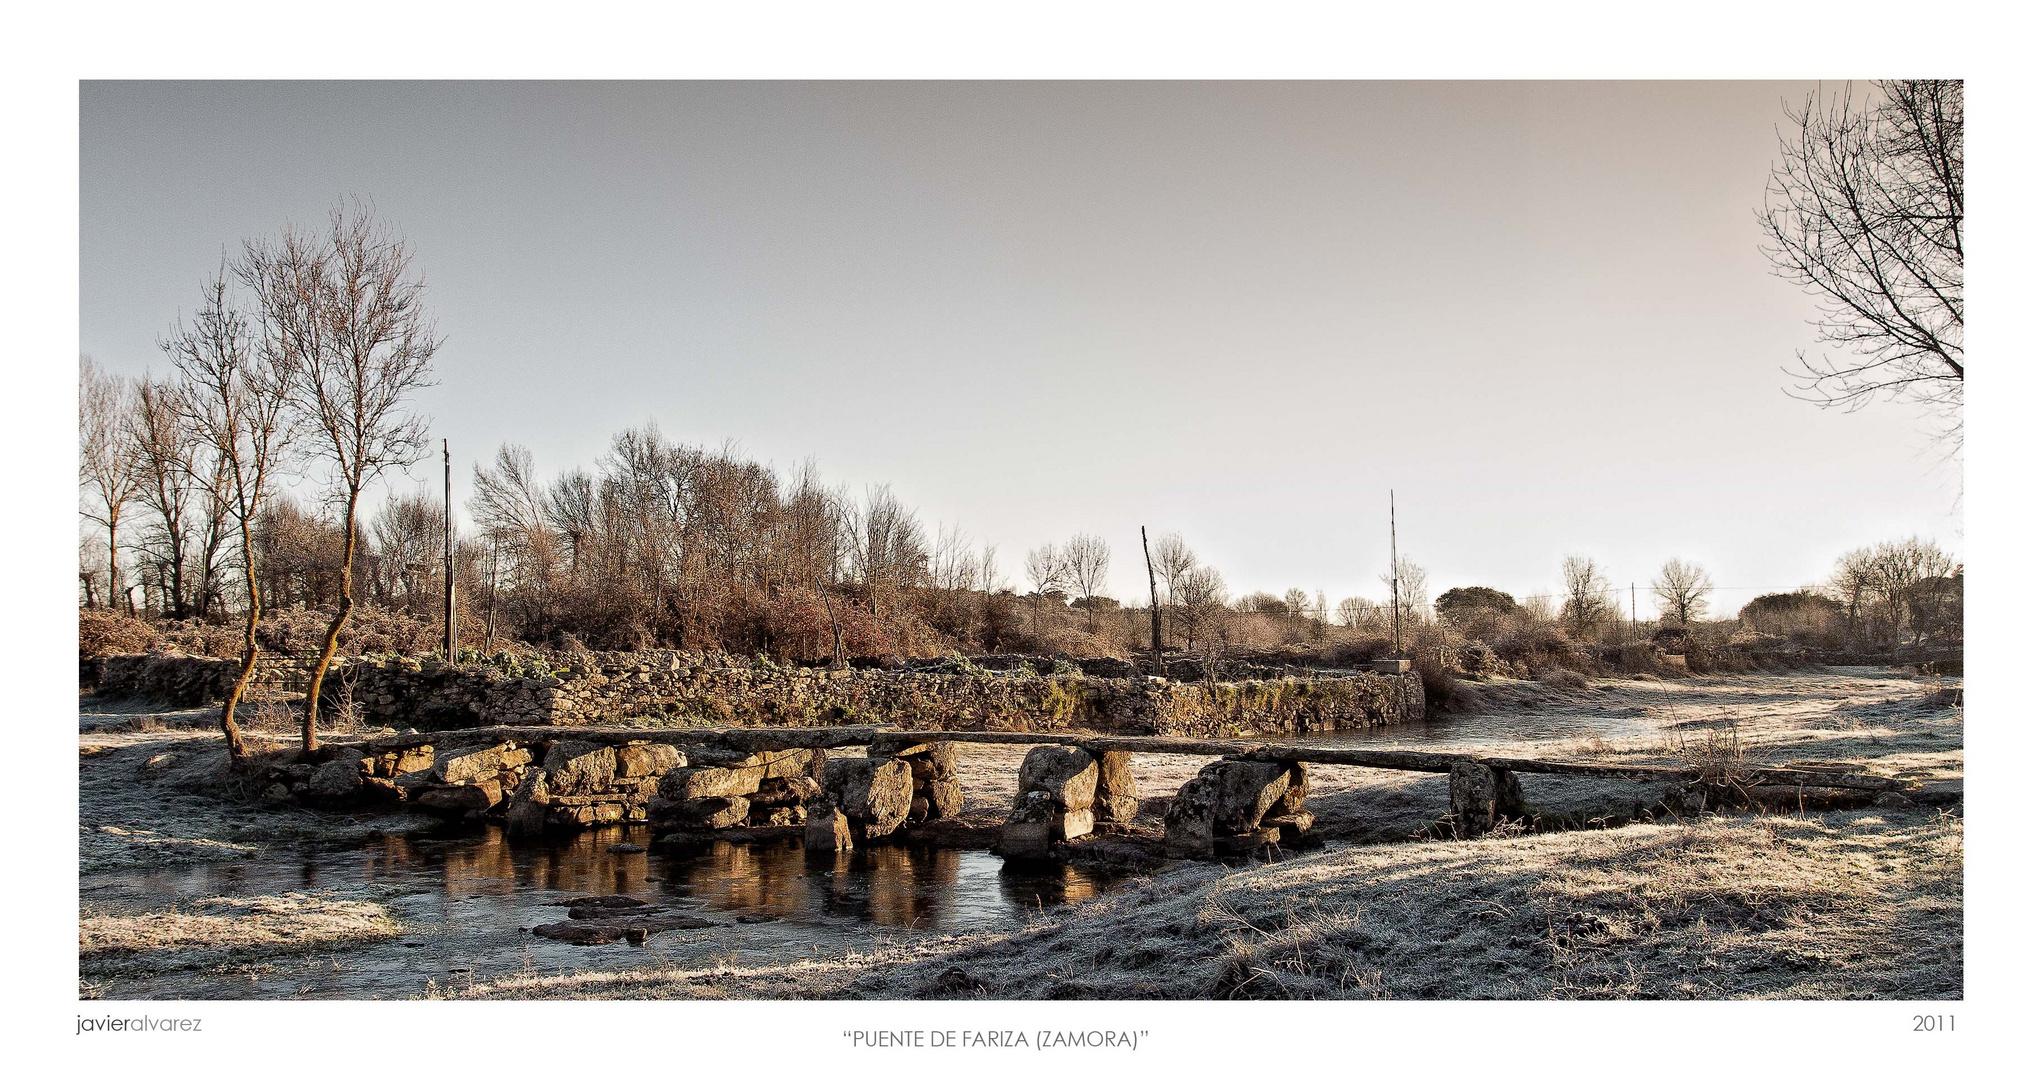 Puente de Pizarra. (Fariza, Zamora)